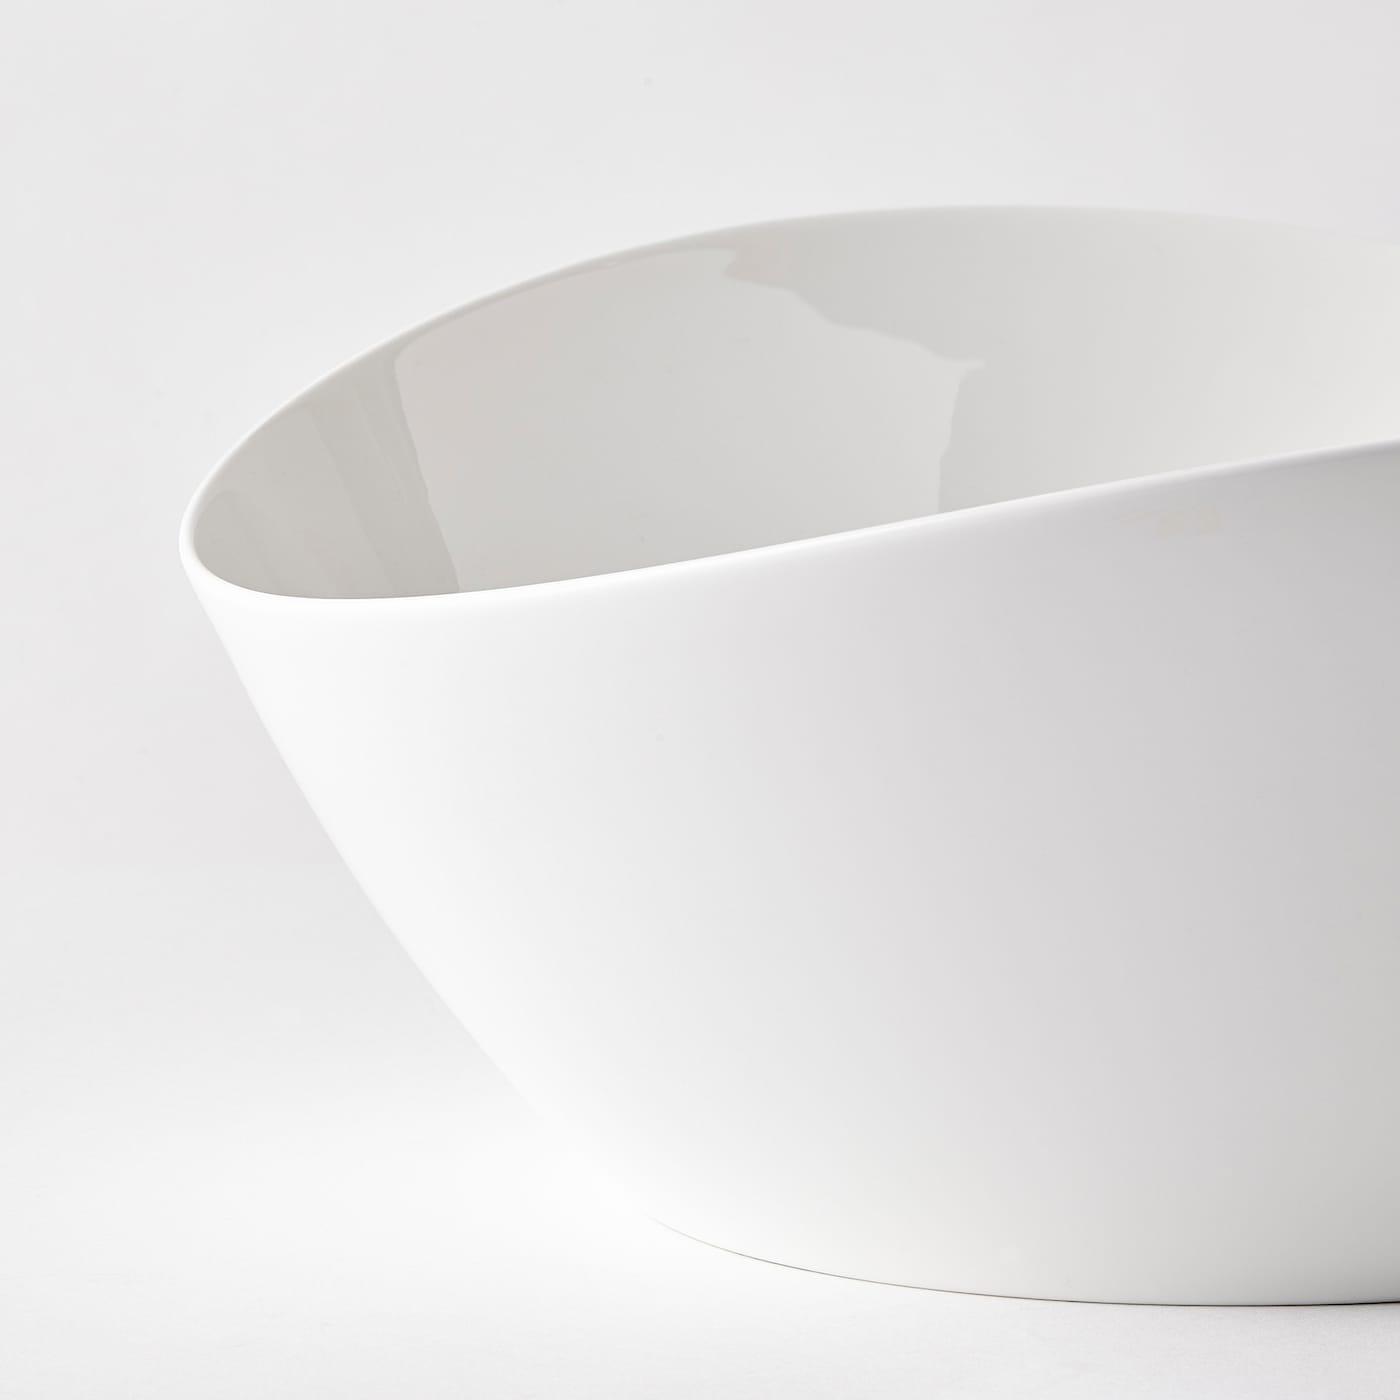 SKYN Servierschüssel, weiß, 31 cm